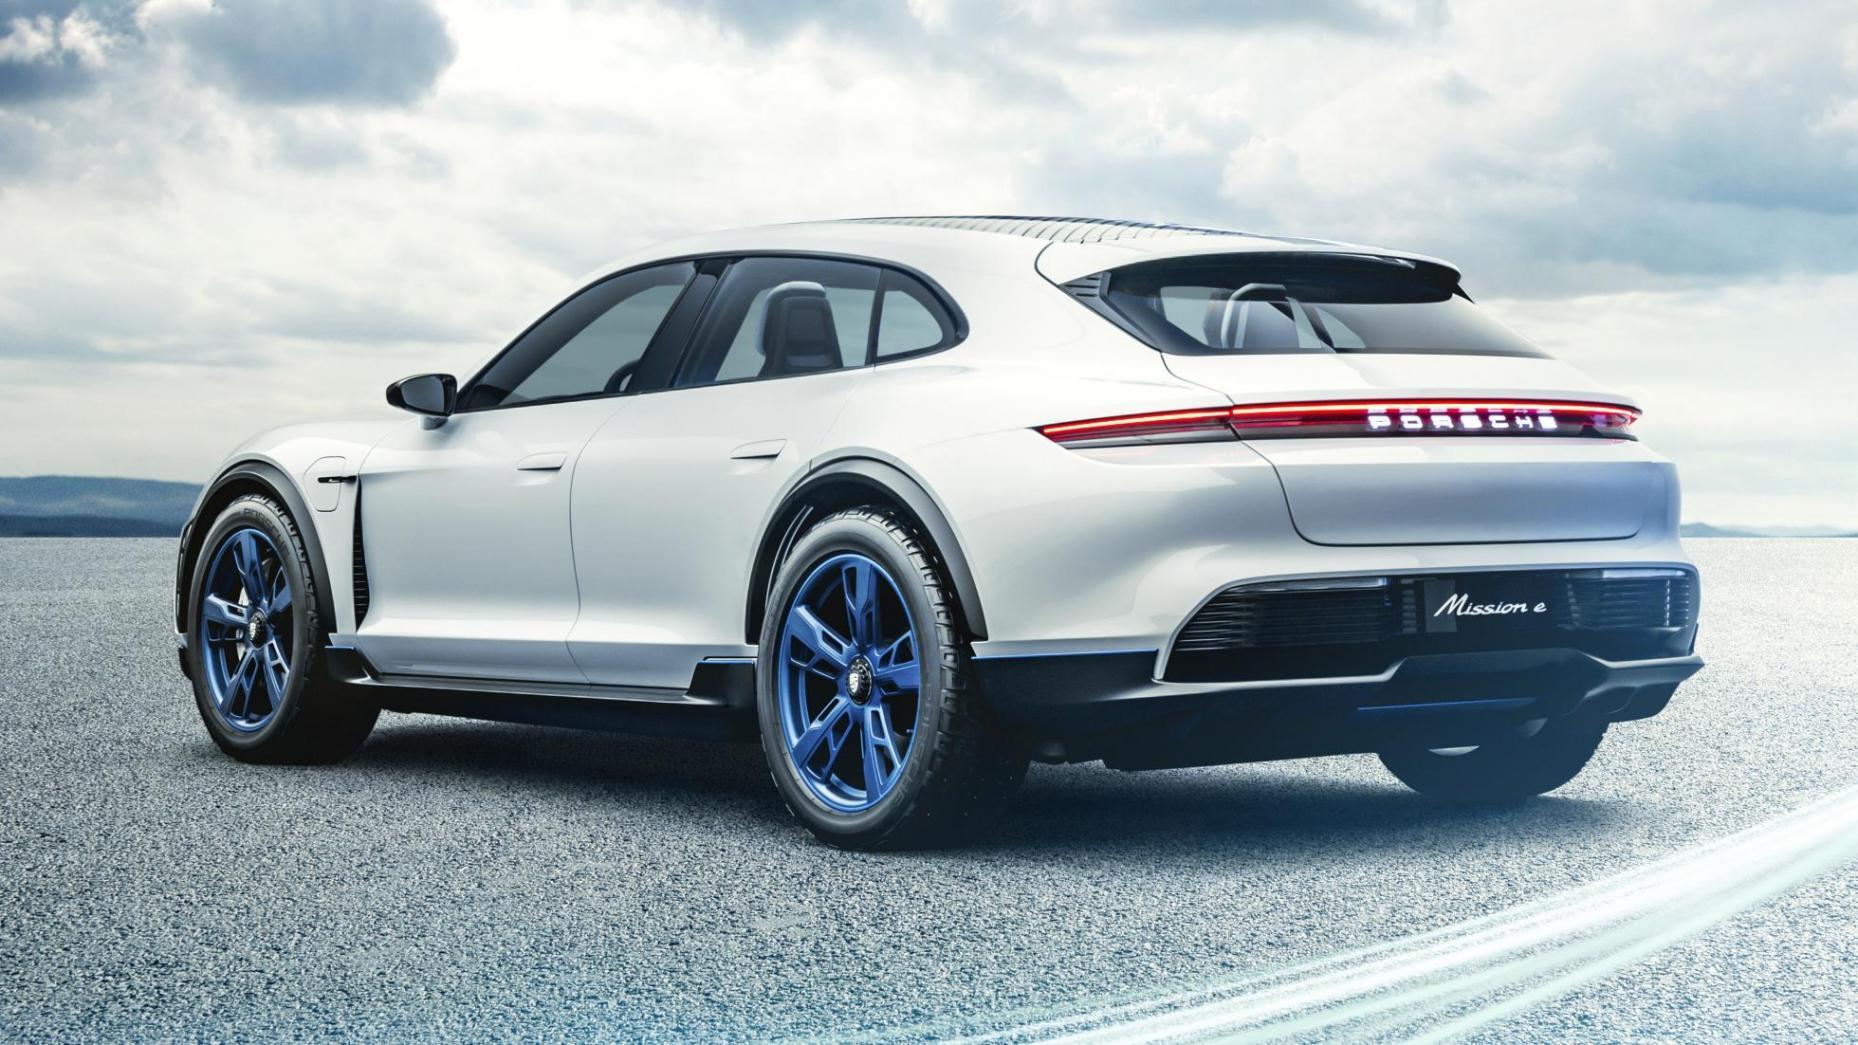 Porsche Mission E Cross Turismo 2019